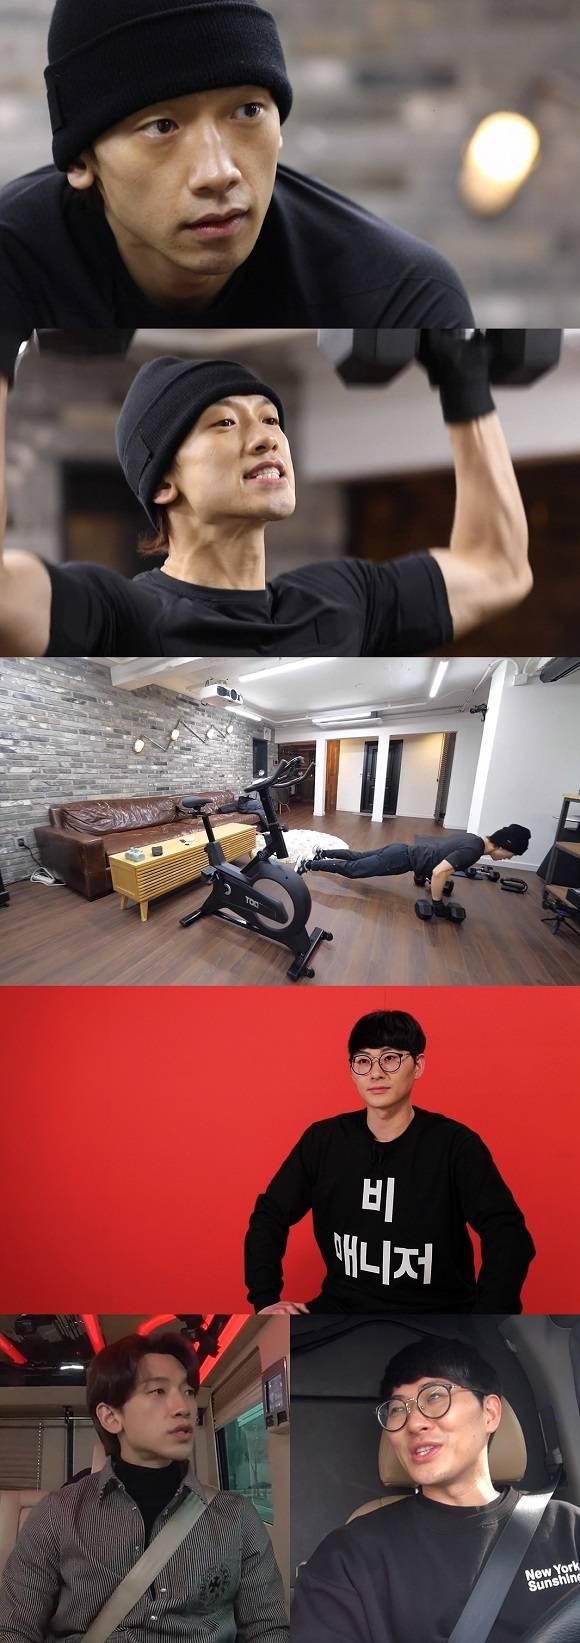 27일 방송될 MBC 예능 프로그램 전지적 참견 시점 142회에서는 가수 비가 매니저와 함께 출연할 예정이다. /MBC 전지적 참견 시점 제작진 제공